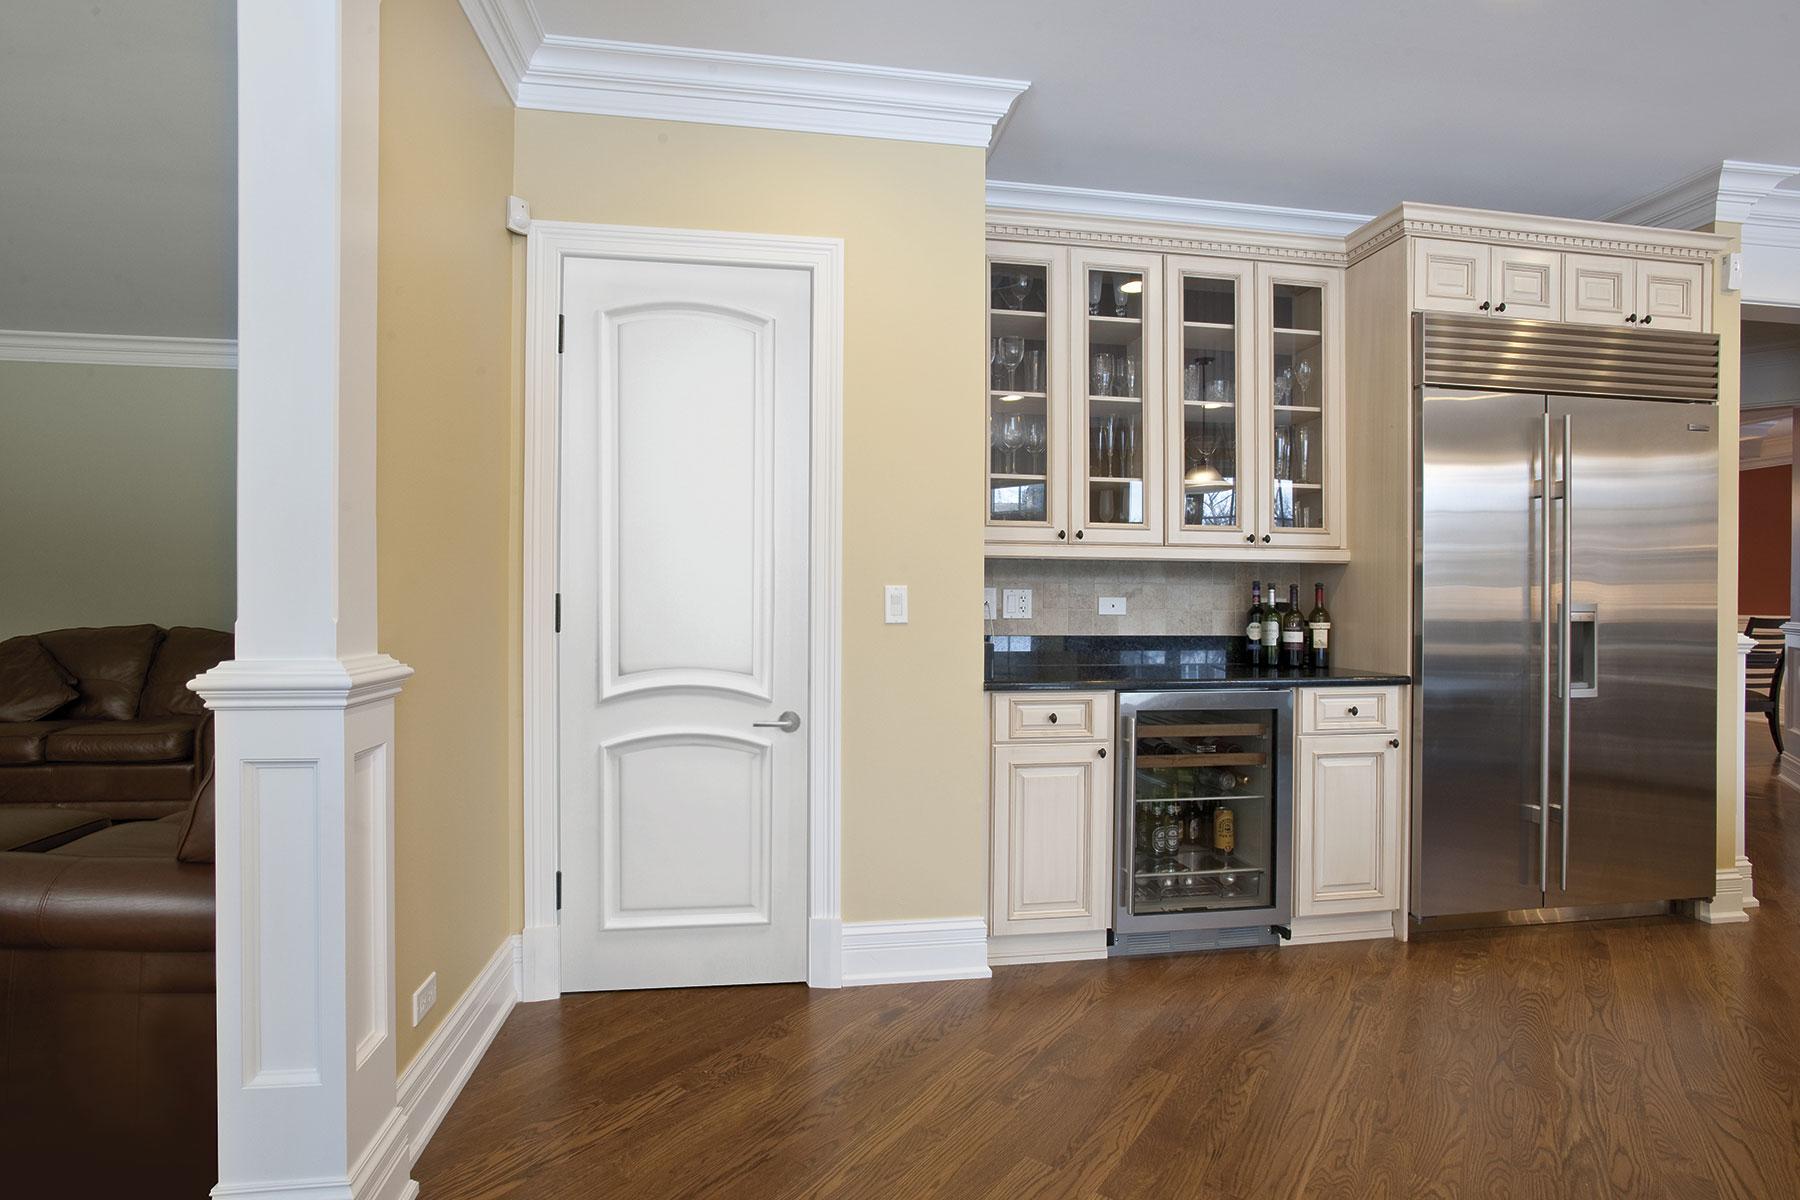 mdf kitchen door paint grade custom interior mdf doors wood entry